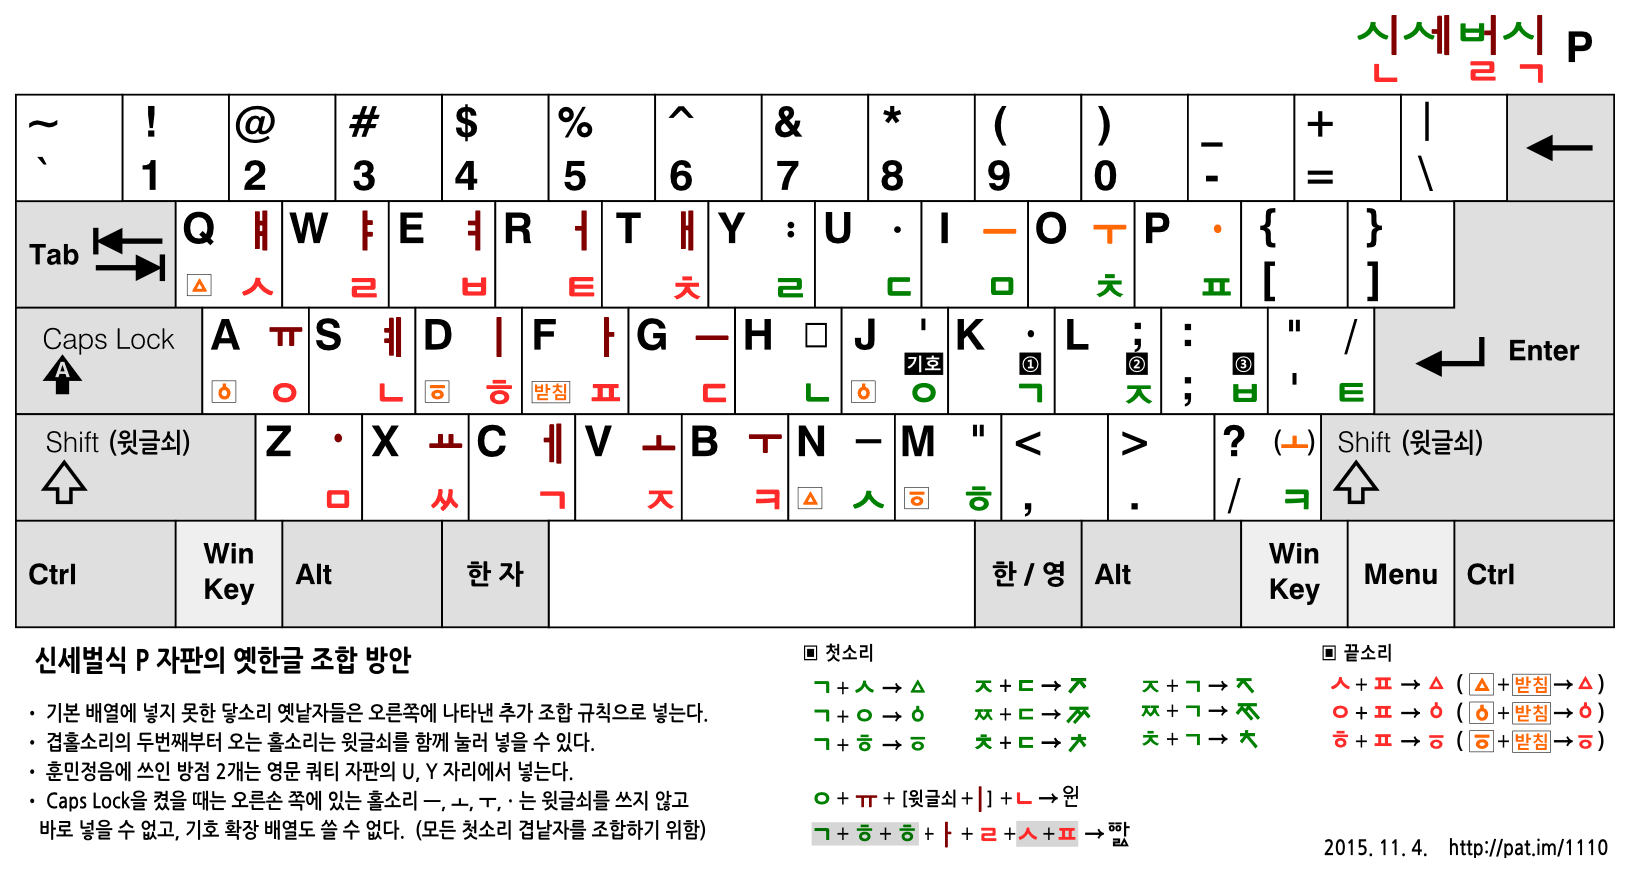 신세벌식 P 자판으로 옛한글 조합하는 방안을 나타낸 배열표